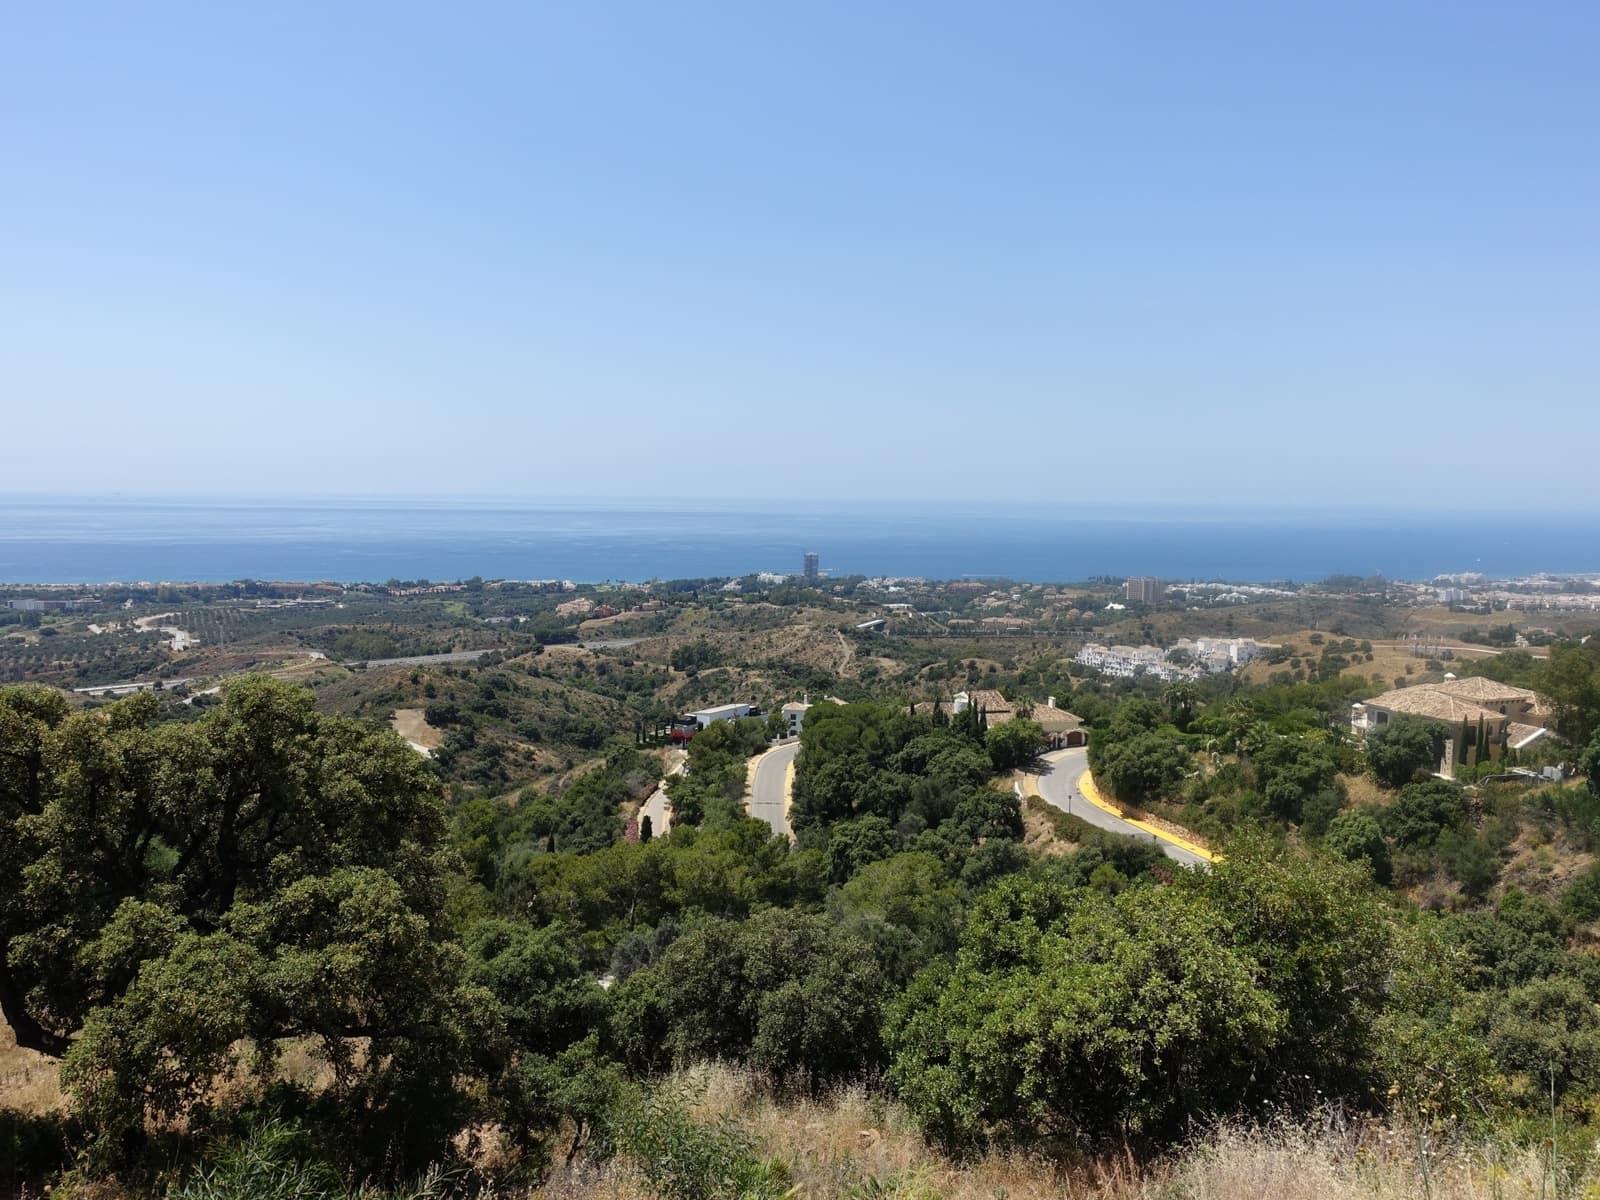 Terreno/Finca Rústica en Marbella del Este en venta - 750.000 € (Ref: 3488023)